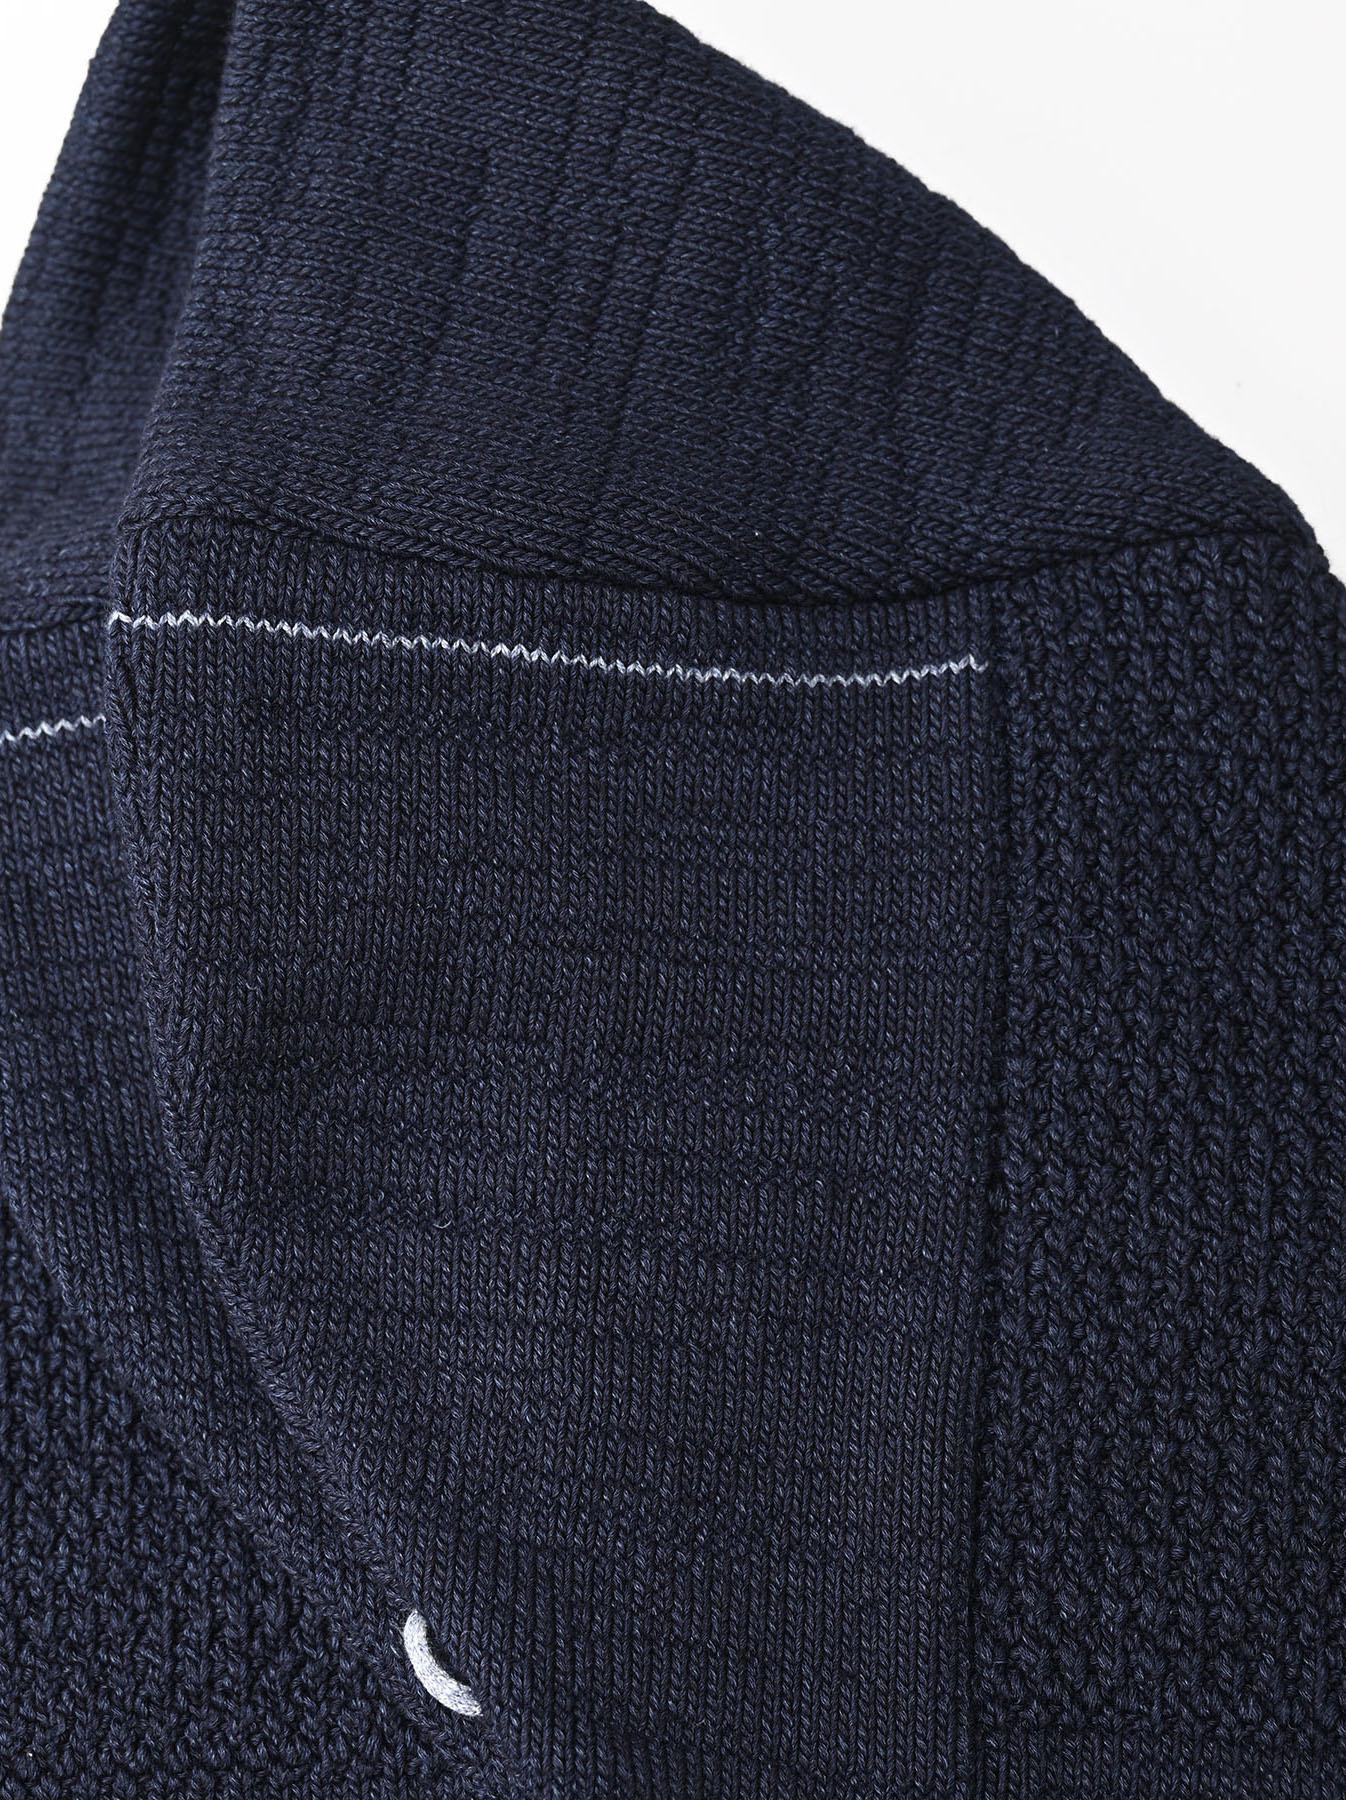 Indigo Stretch Knit Shawl Collar 908 Blouson-8